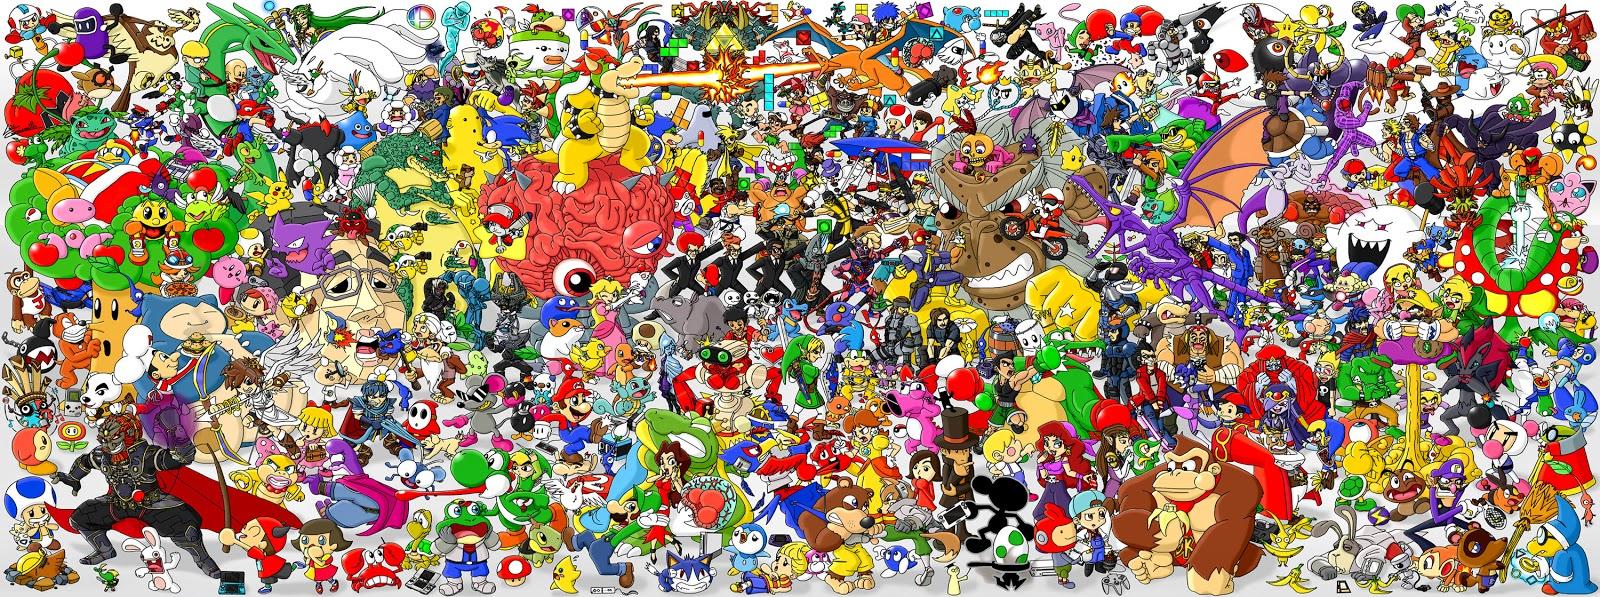 Pocket Hobby - www.pockethobby.com - Play For Hobby - Nintendoo